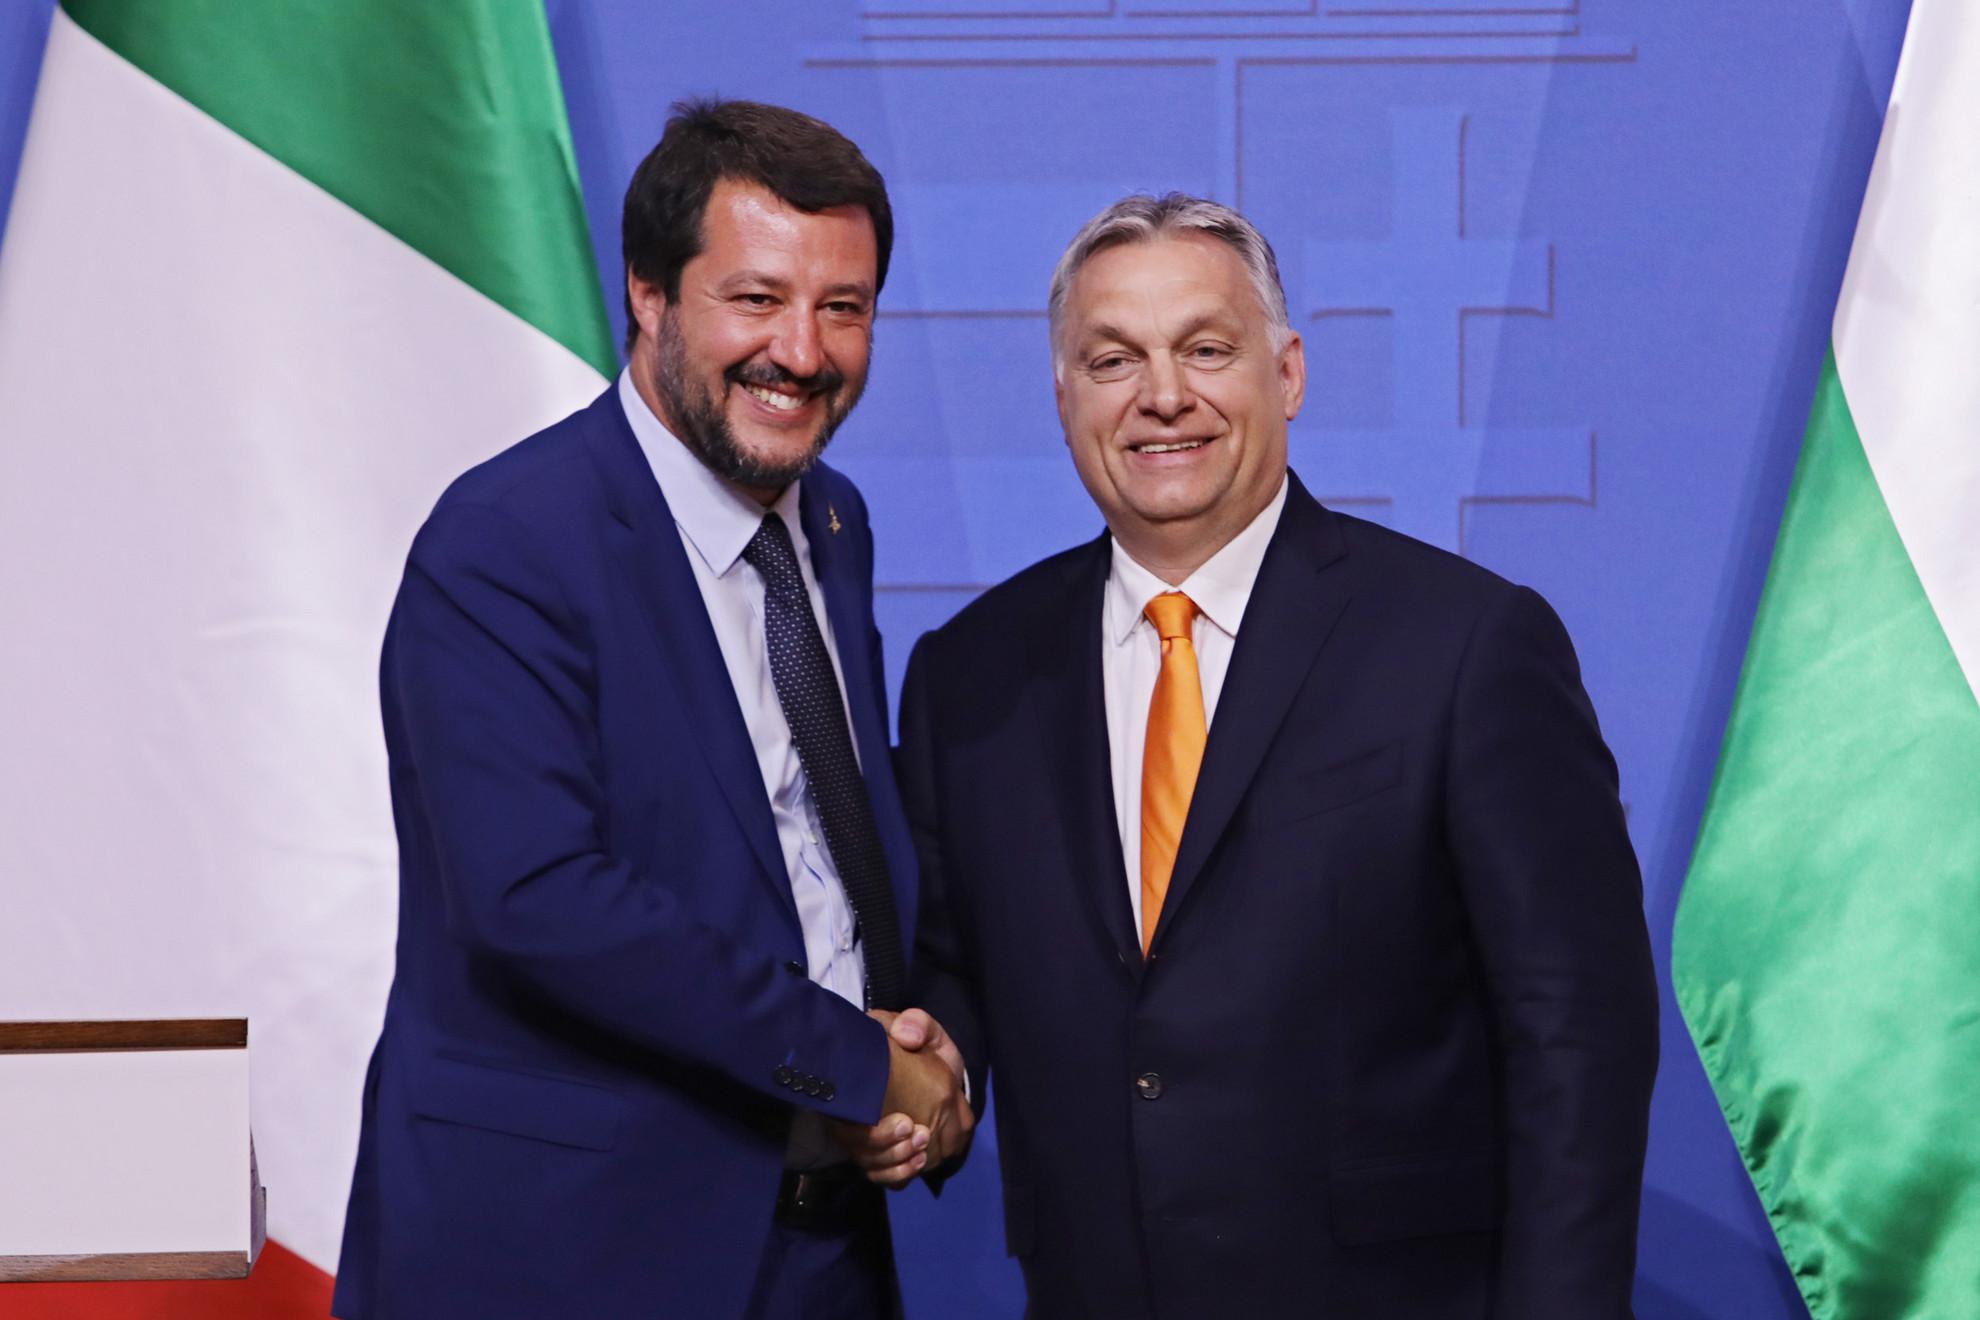 Matteo Salvini és Orbán Viktor kézfogása a közös sajtótájékoztatójukon